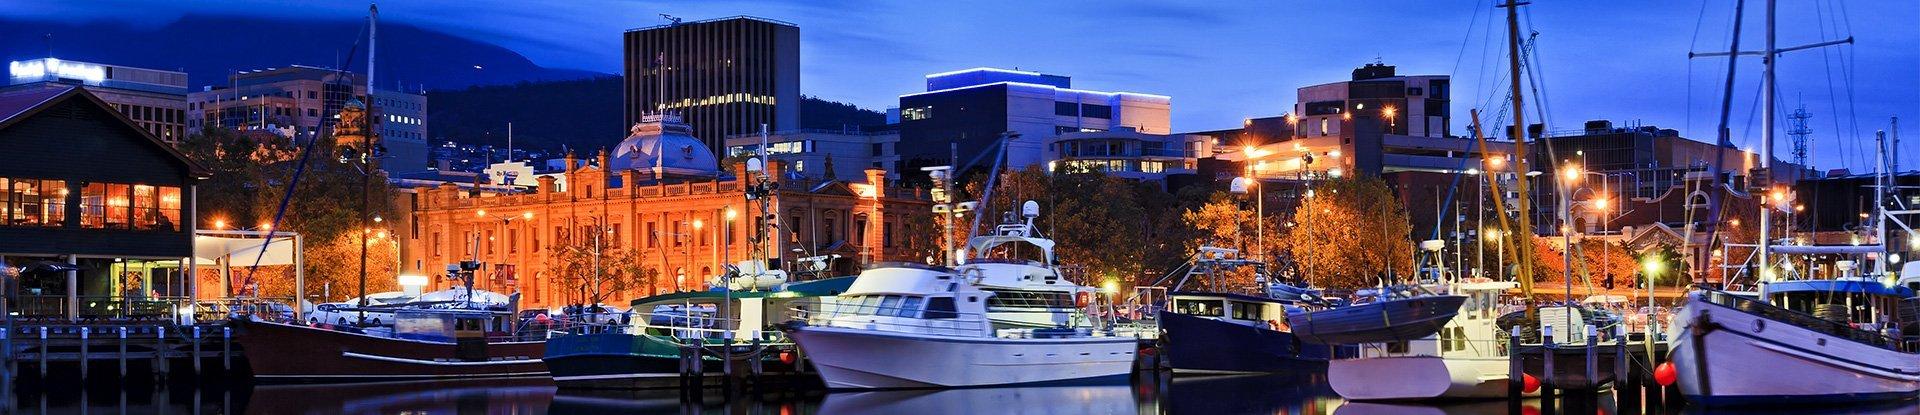 Yacht and boats docked at the city coast